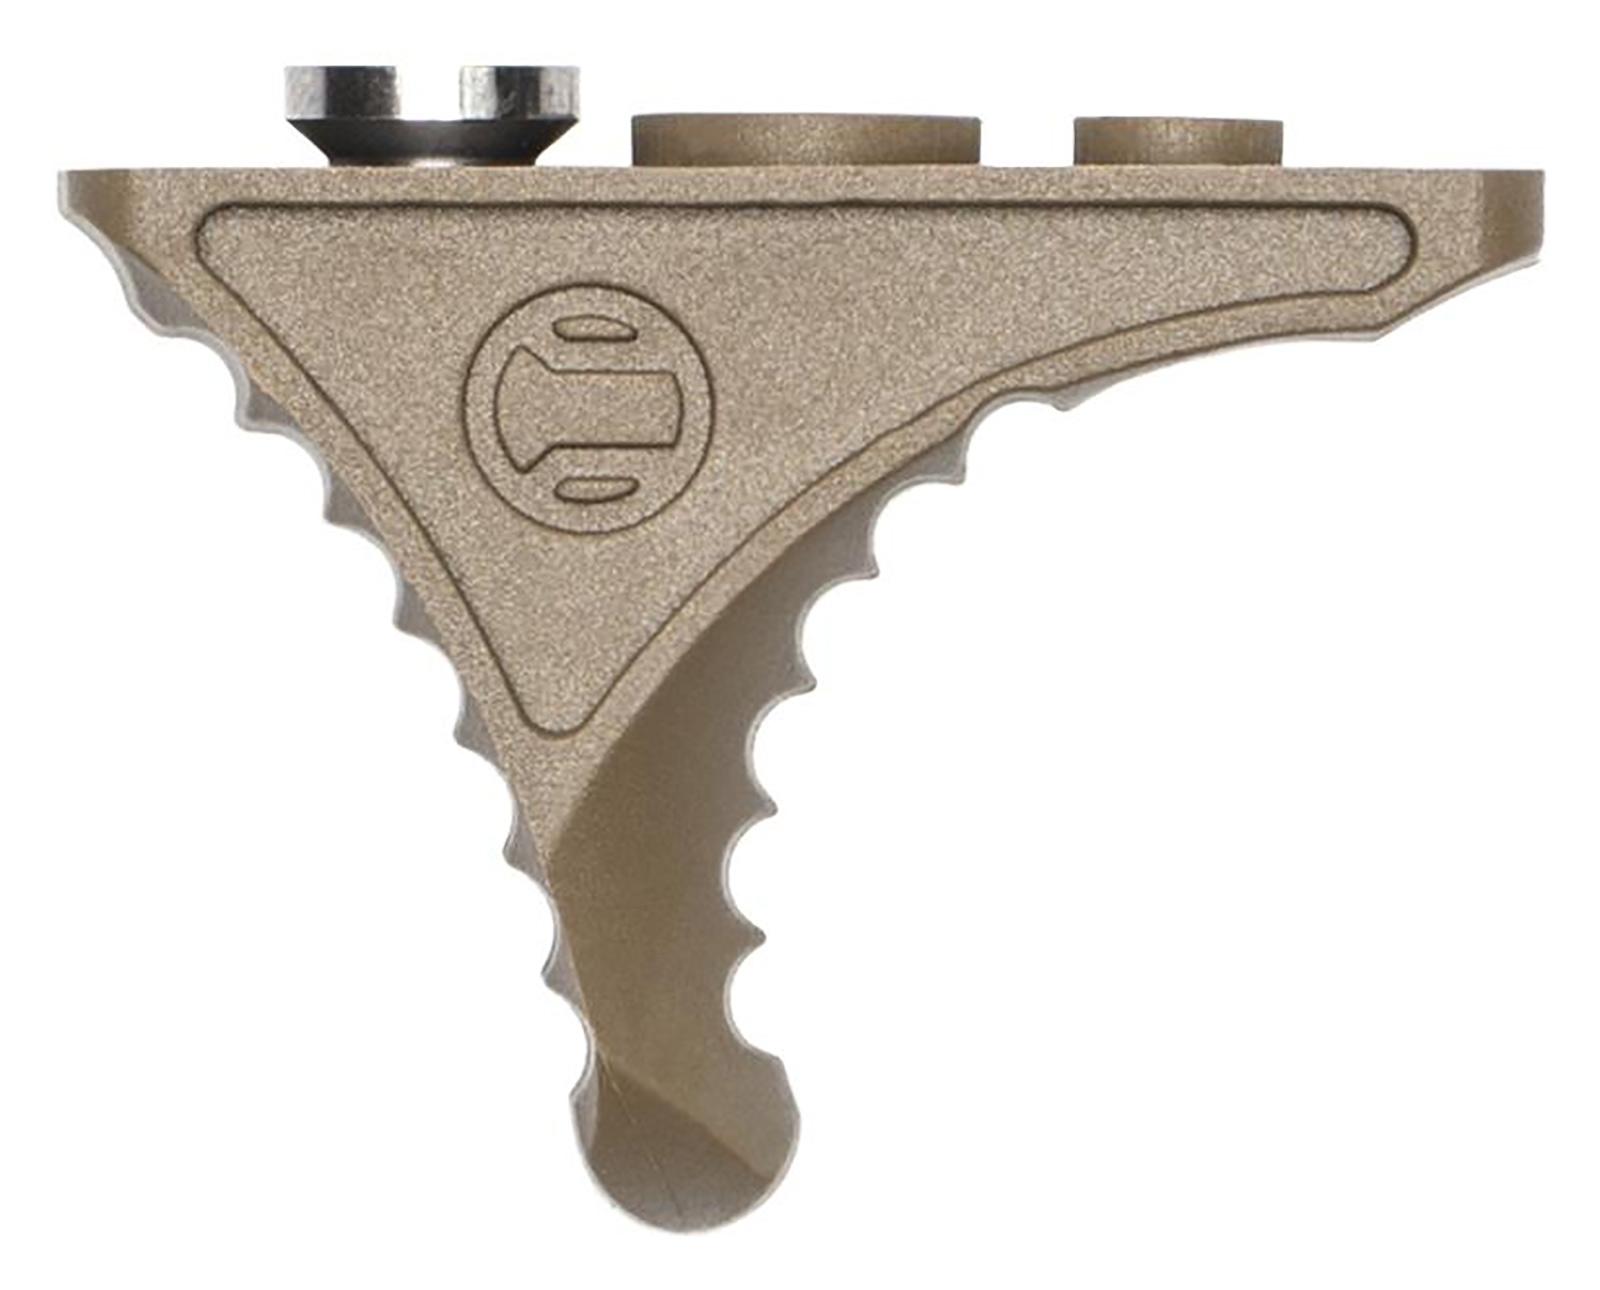 karve-p-handstop-keymod-fde-120141